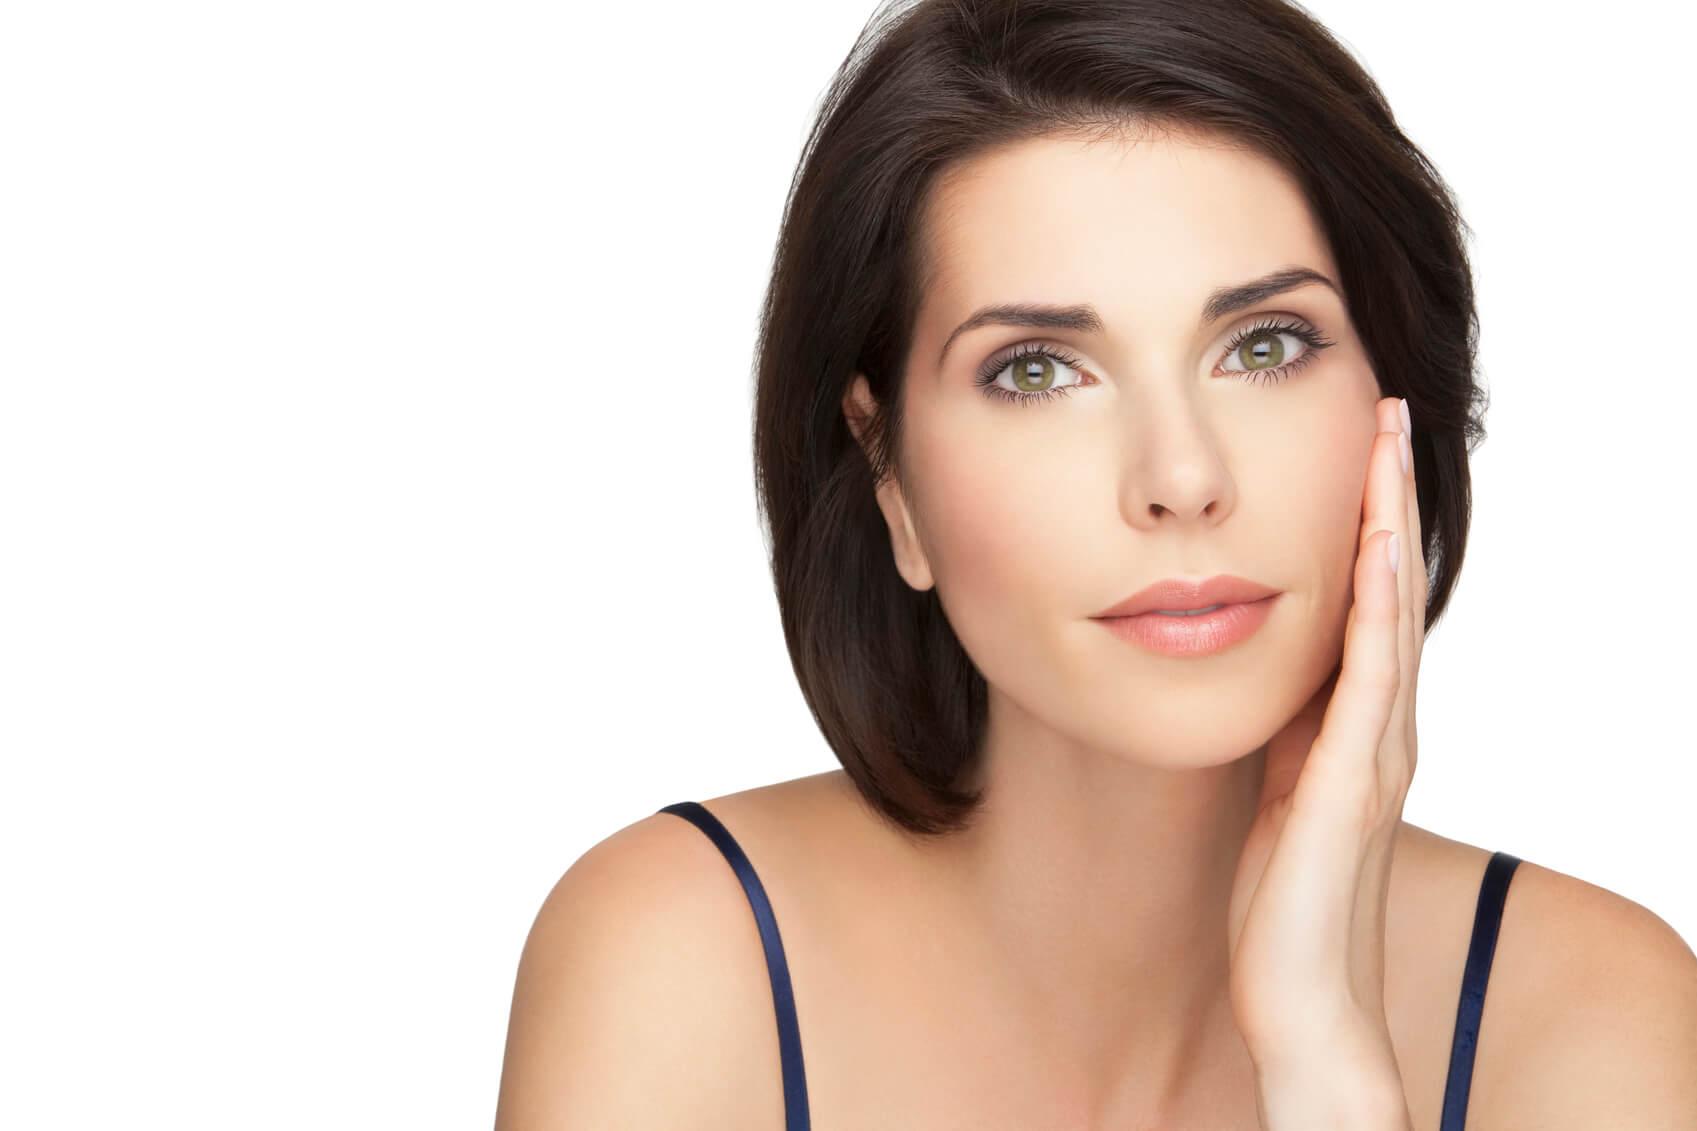 Laser Facials-The Best for Skin Rejuvenation